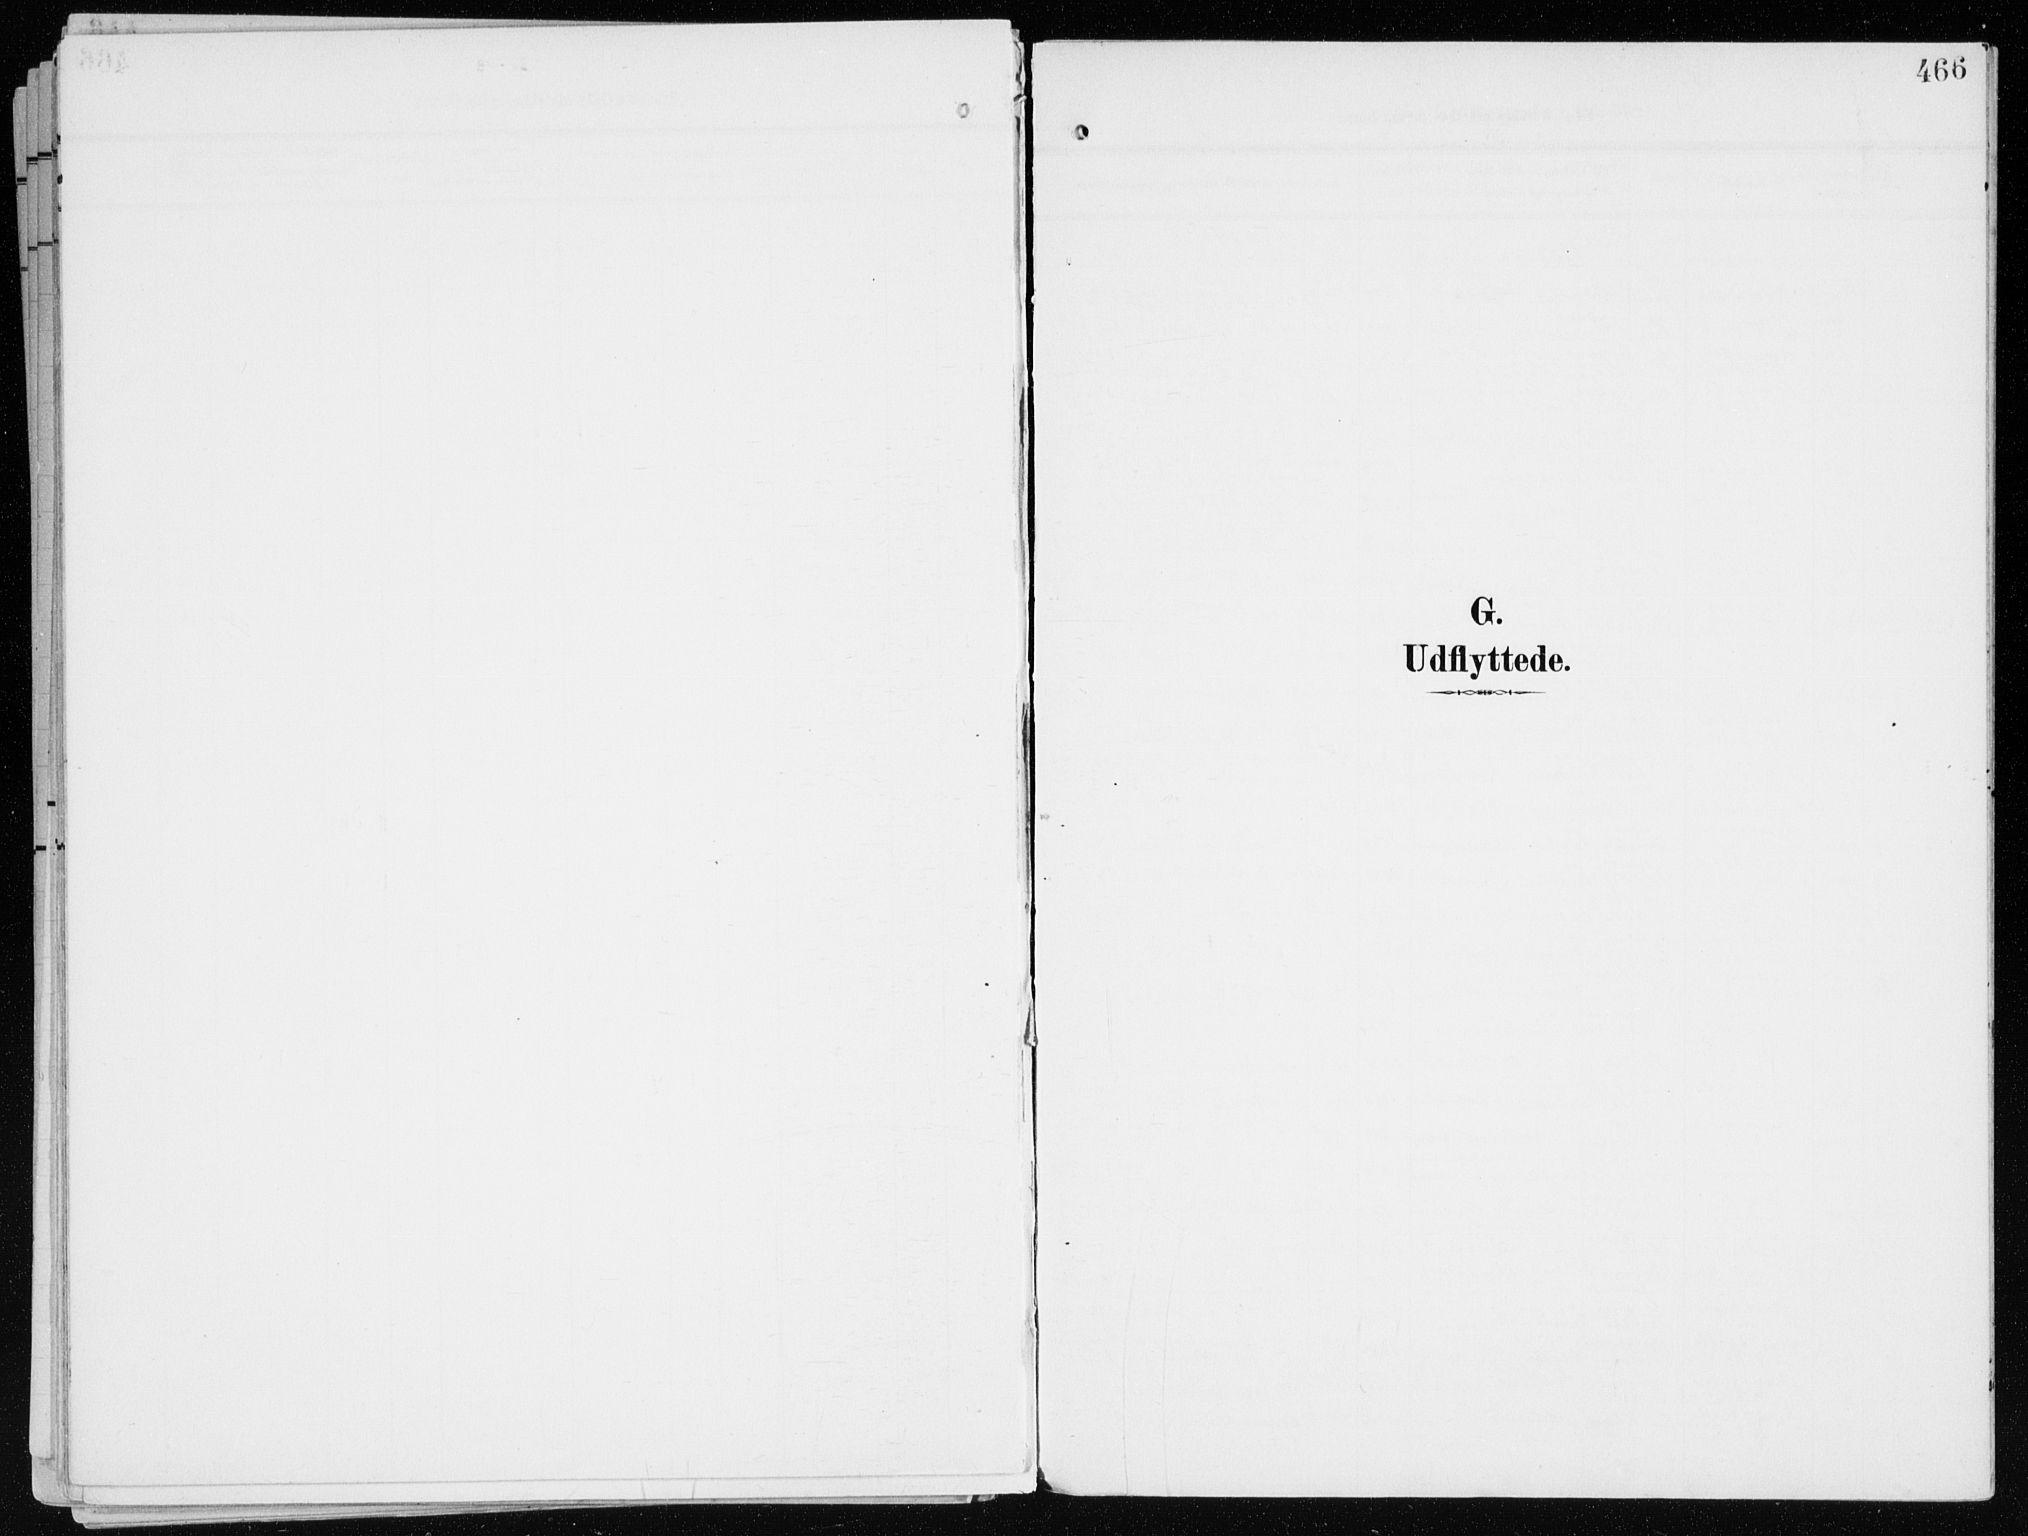 SAH, Furnes sokneprestkontor, K/Ka/L0001: Ministerialbok nr. 1, 1907-1935, s. 466